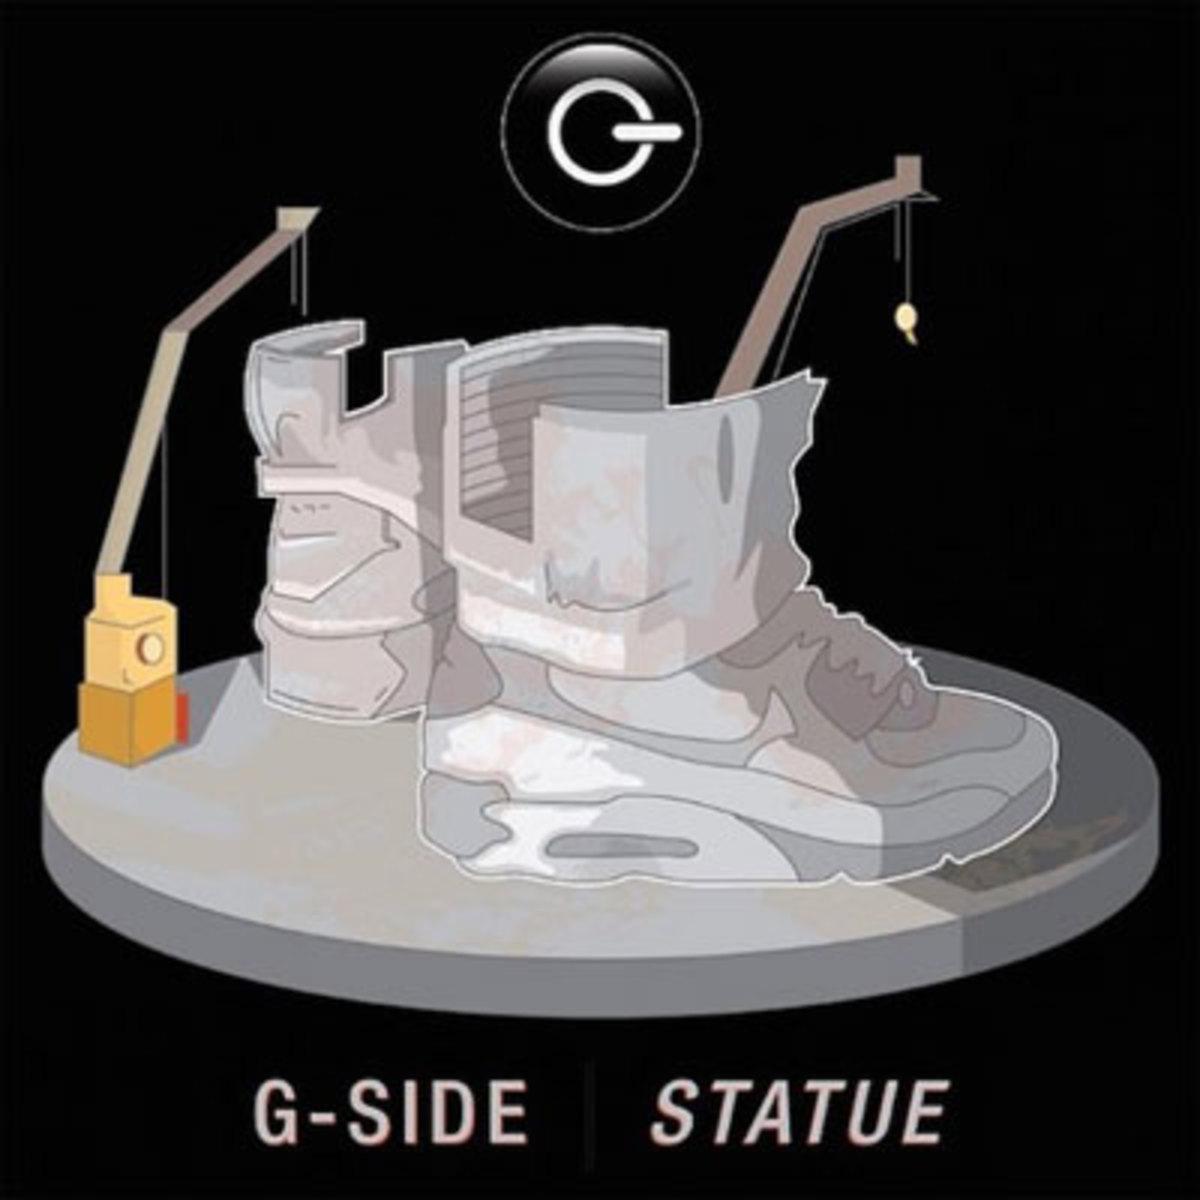 gside-statue.jpg